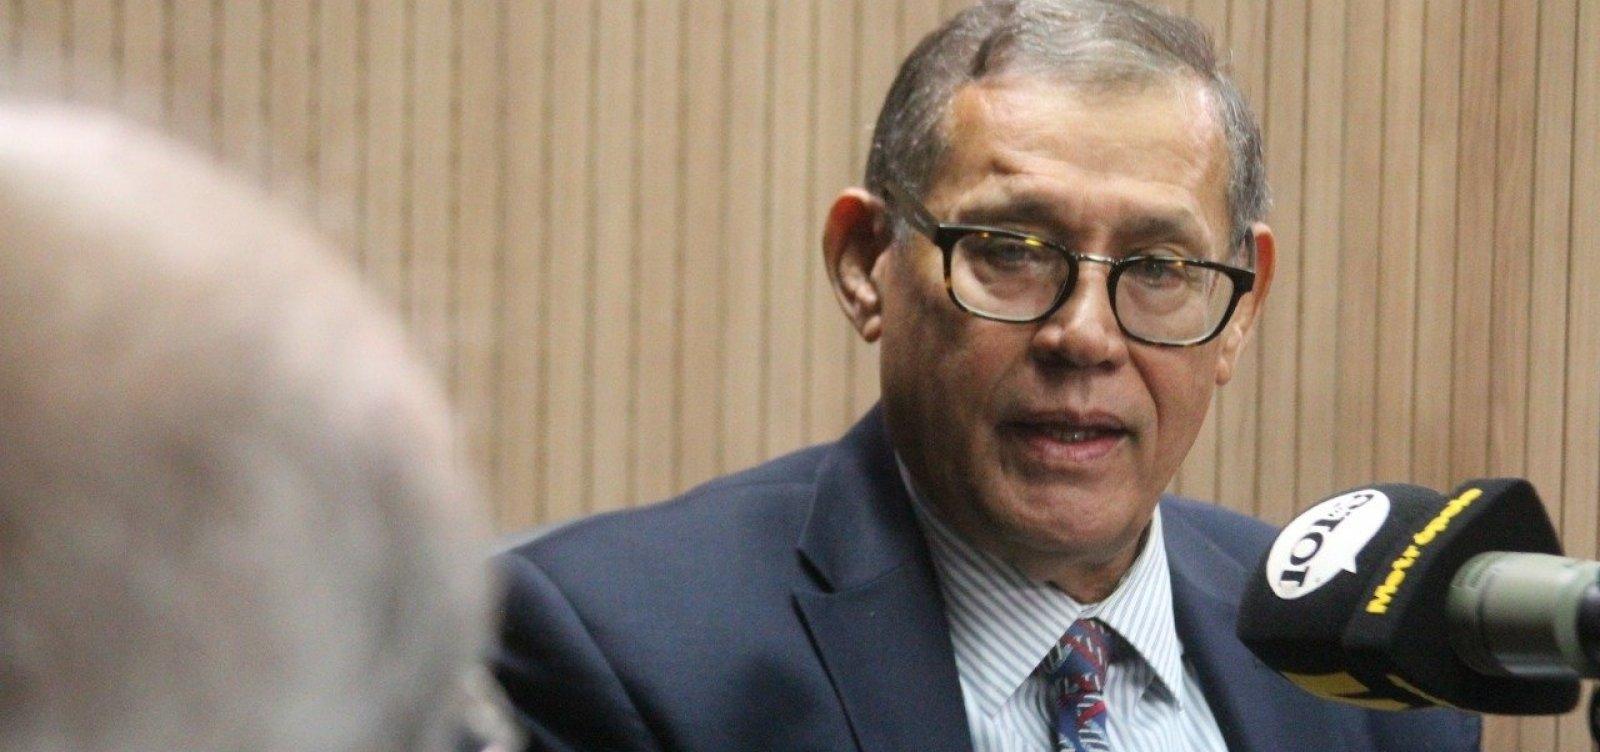 Coronavírus: Roberto Badaró não vê risco 'muito grande' para ...